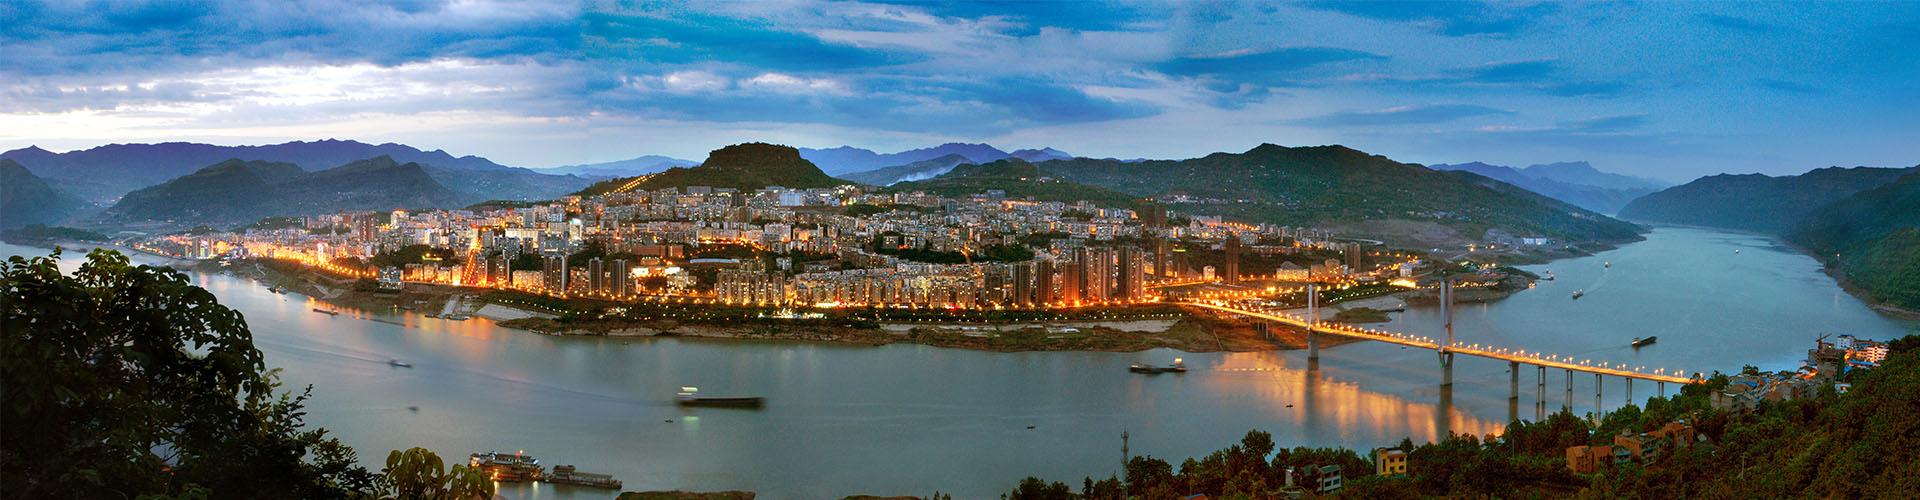 2014年,云阳梯城风景区正式被国家旅游局批准为国家aaaa(4a)风景名胜